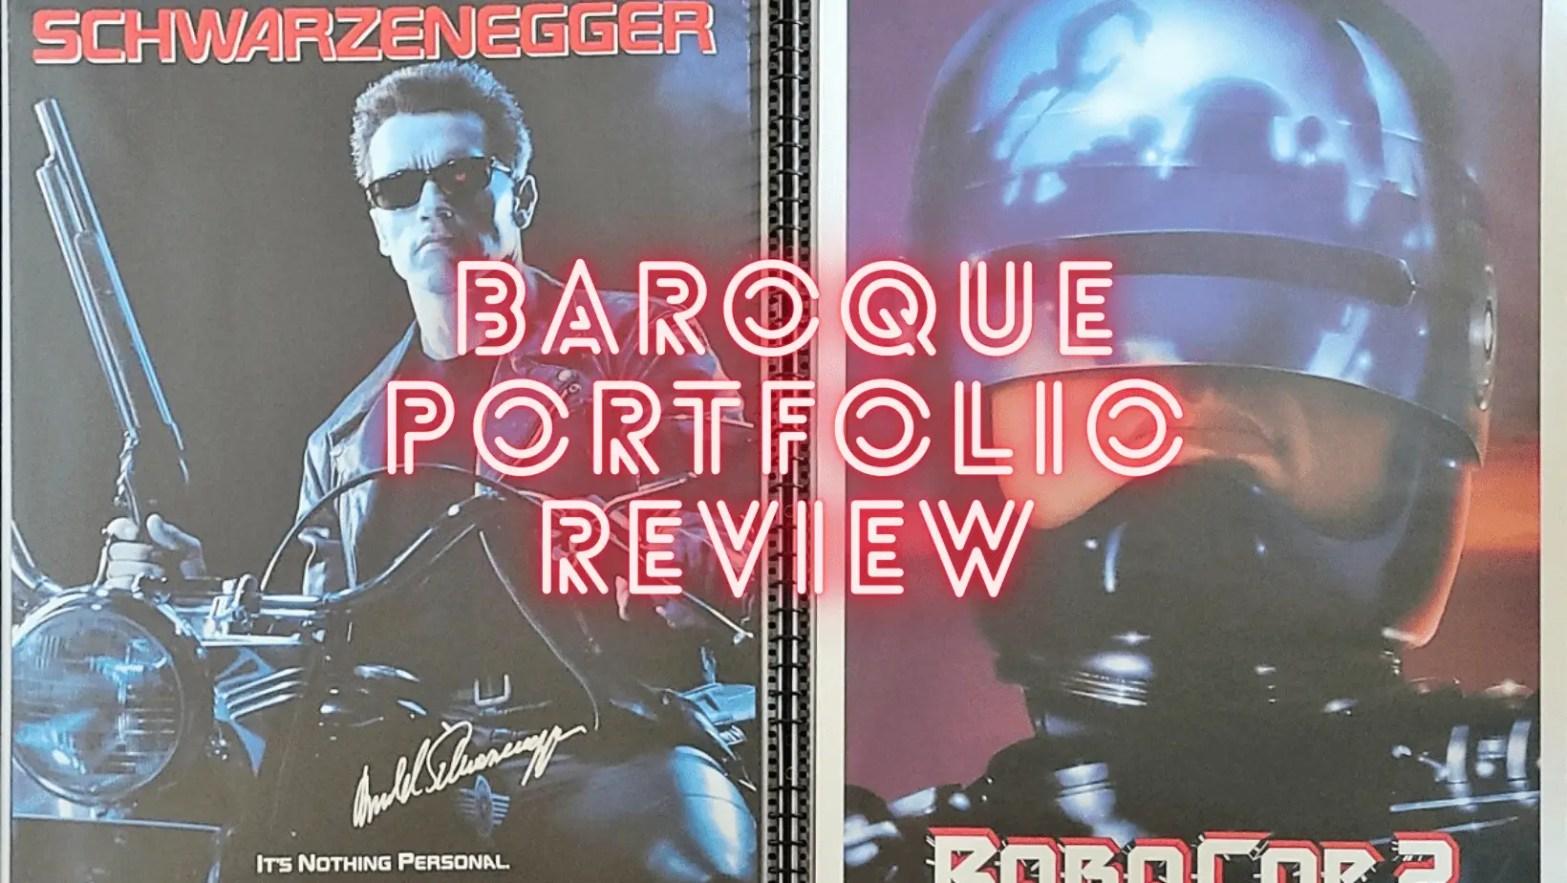 Baroque Portfolio Review